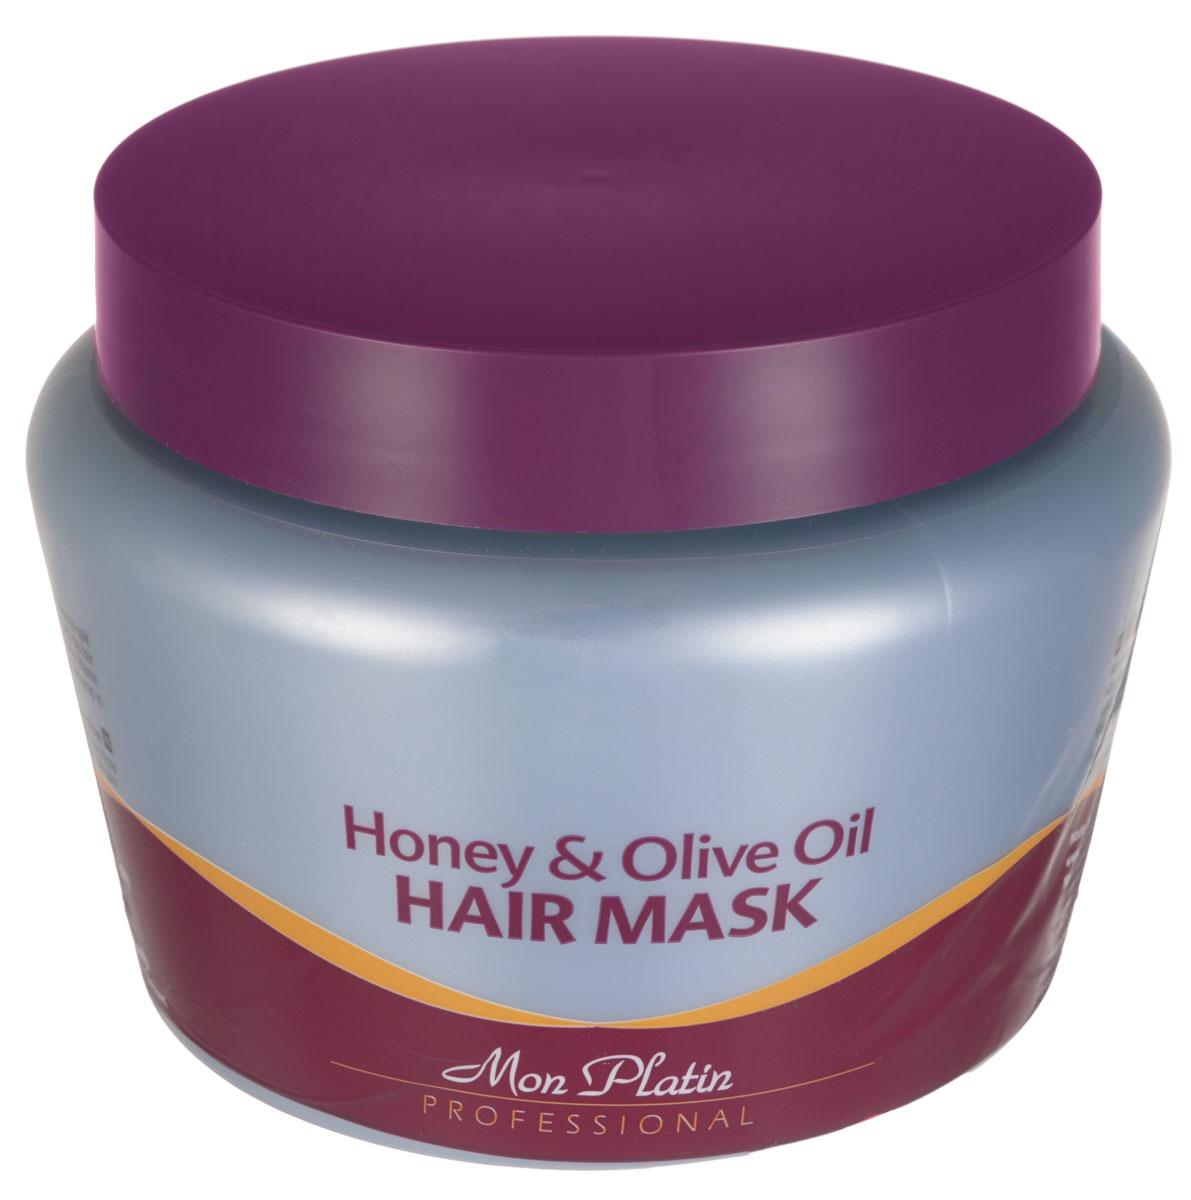 Mon Platin Professional Маска для волос на основе оливкового масла и меда 500млMP543Маска предназначена для быстрого, безопасного восстановления волос после покрасок, обесцвечивания, химических, завивок; придает жизненную силу и здоровье каждому отдельно взятому волоску; насыщает волосы аминокислотами и питает их необходимыми элементами; очищает кожу головы и волосы. После применения средства волосы становятся мягкими и шелковистыми, легко расчесываются. Входящие в состав маски компоненты придают волосам приятный ненавязчивый аромат, а защитные фильтры - максимальную защиту от ультрафиолетового излучения.